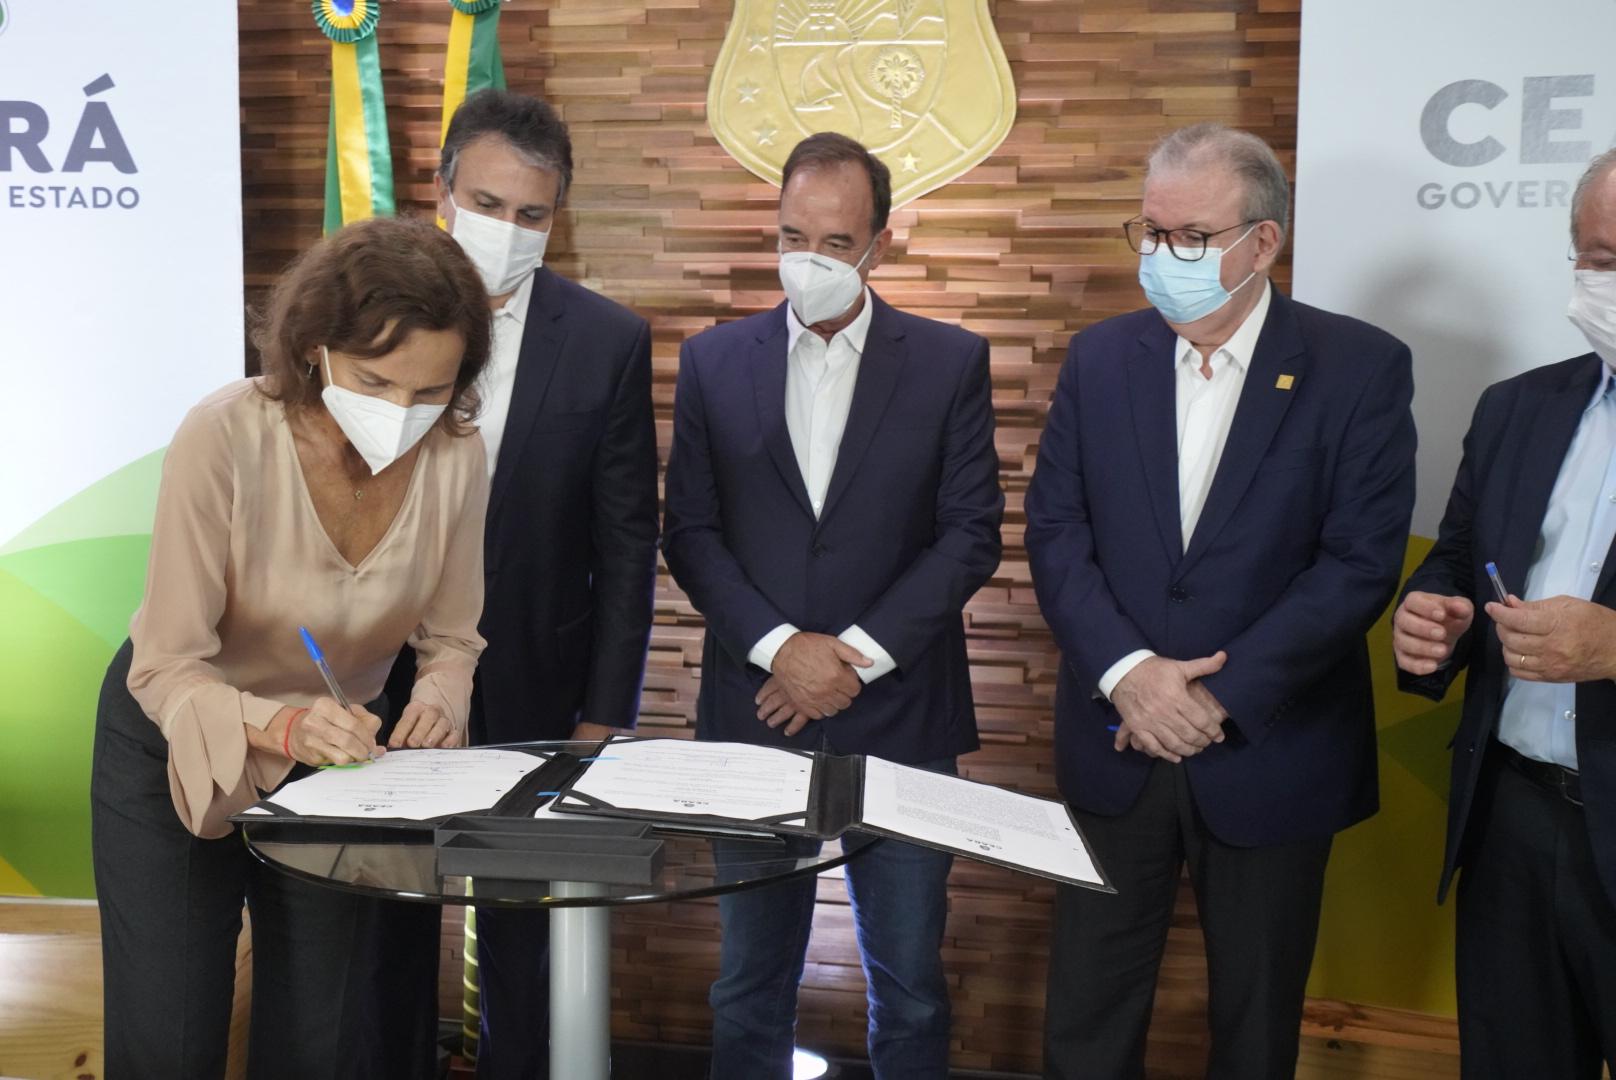 Governo do Ceará deve investir U$ 6,95 bilhões em usina de hidrogênio verde